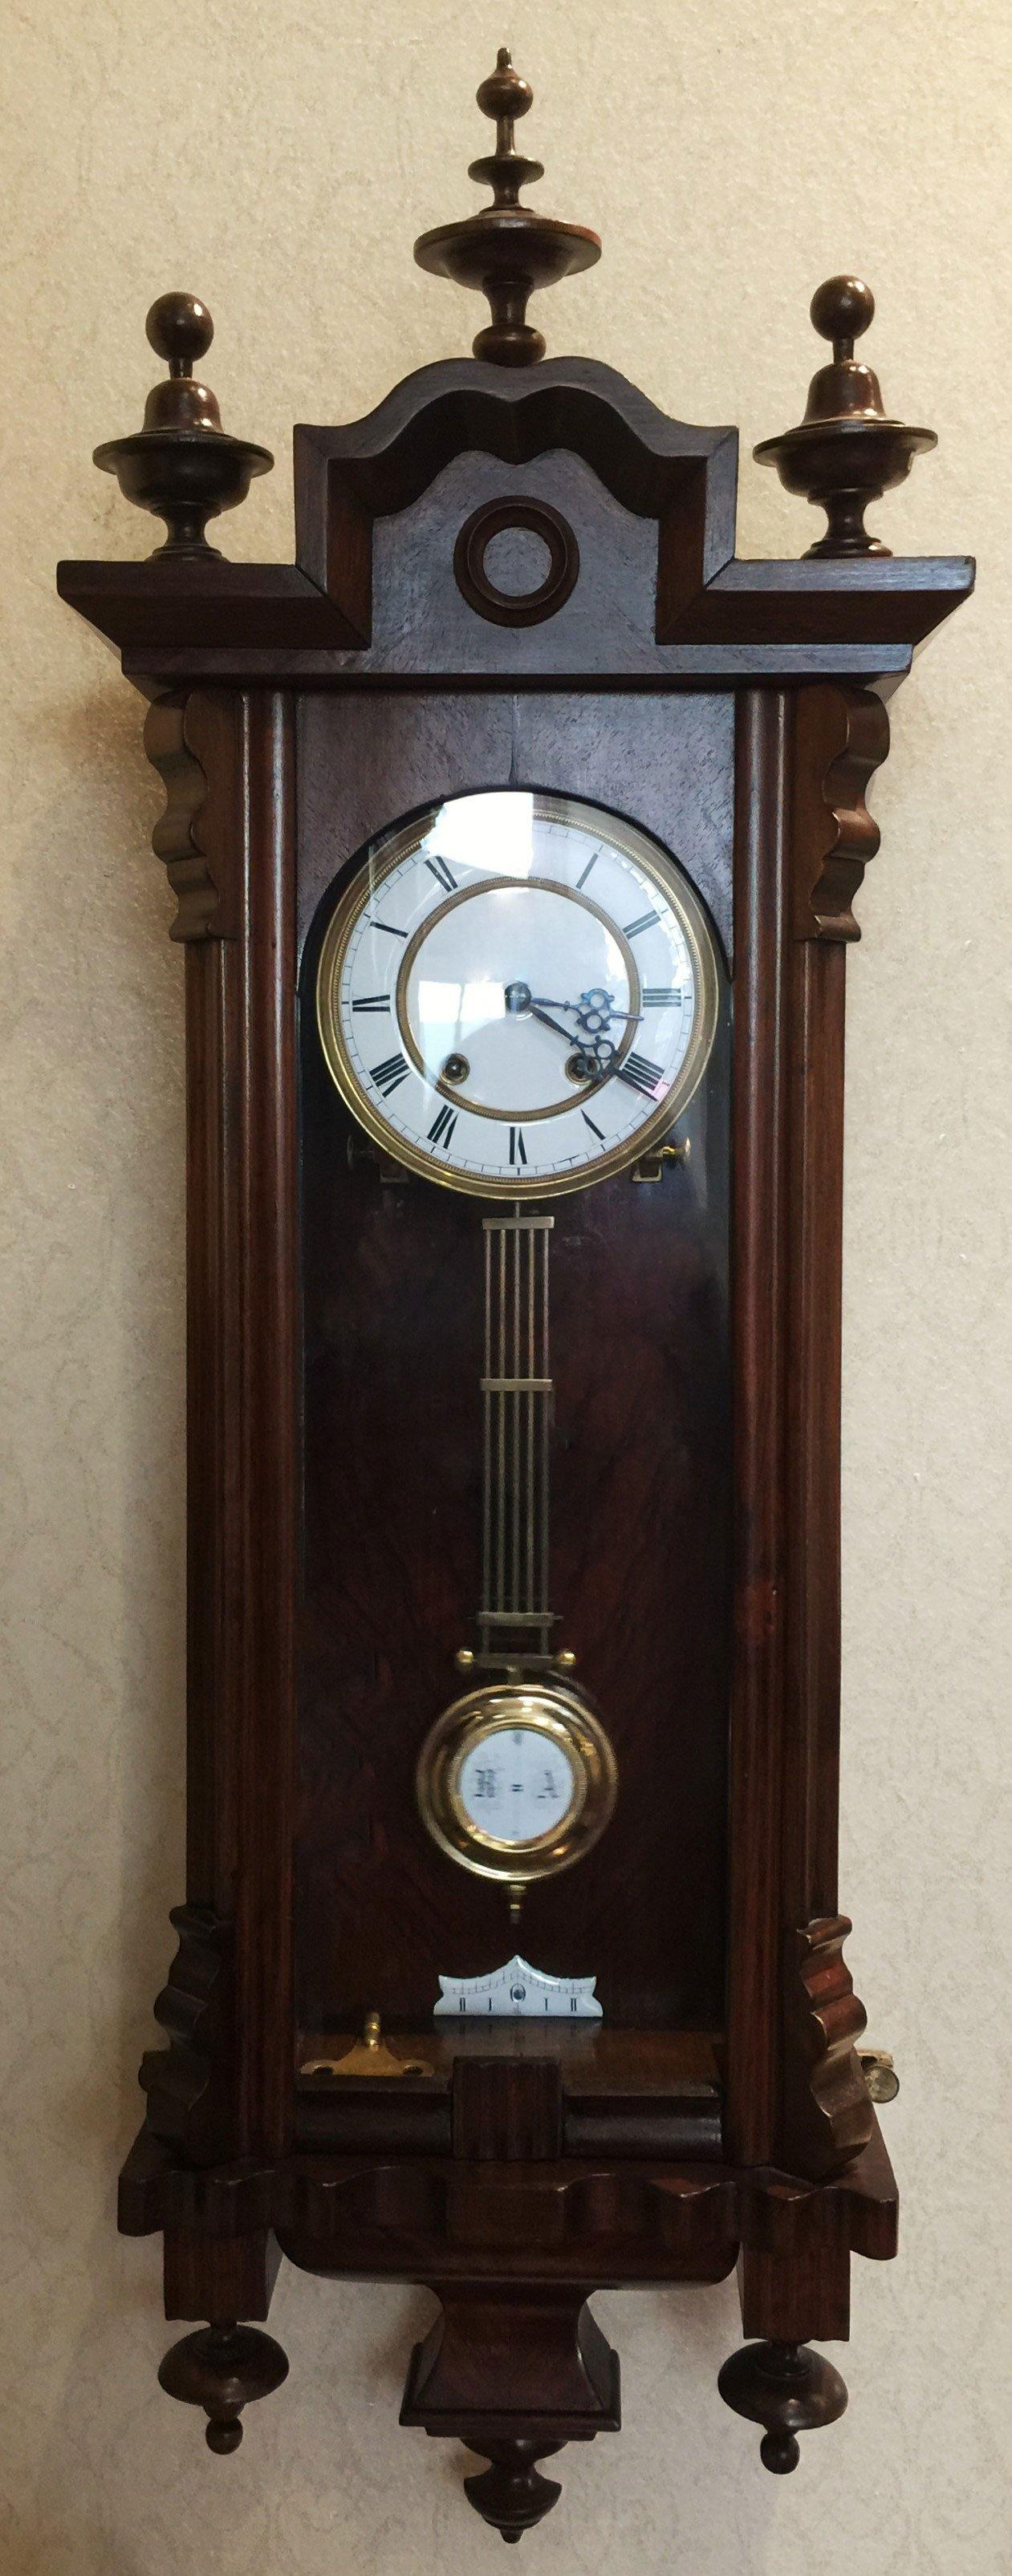 Spring Vienna regulator wall clock